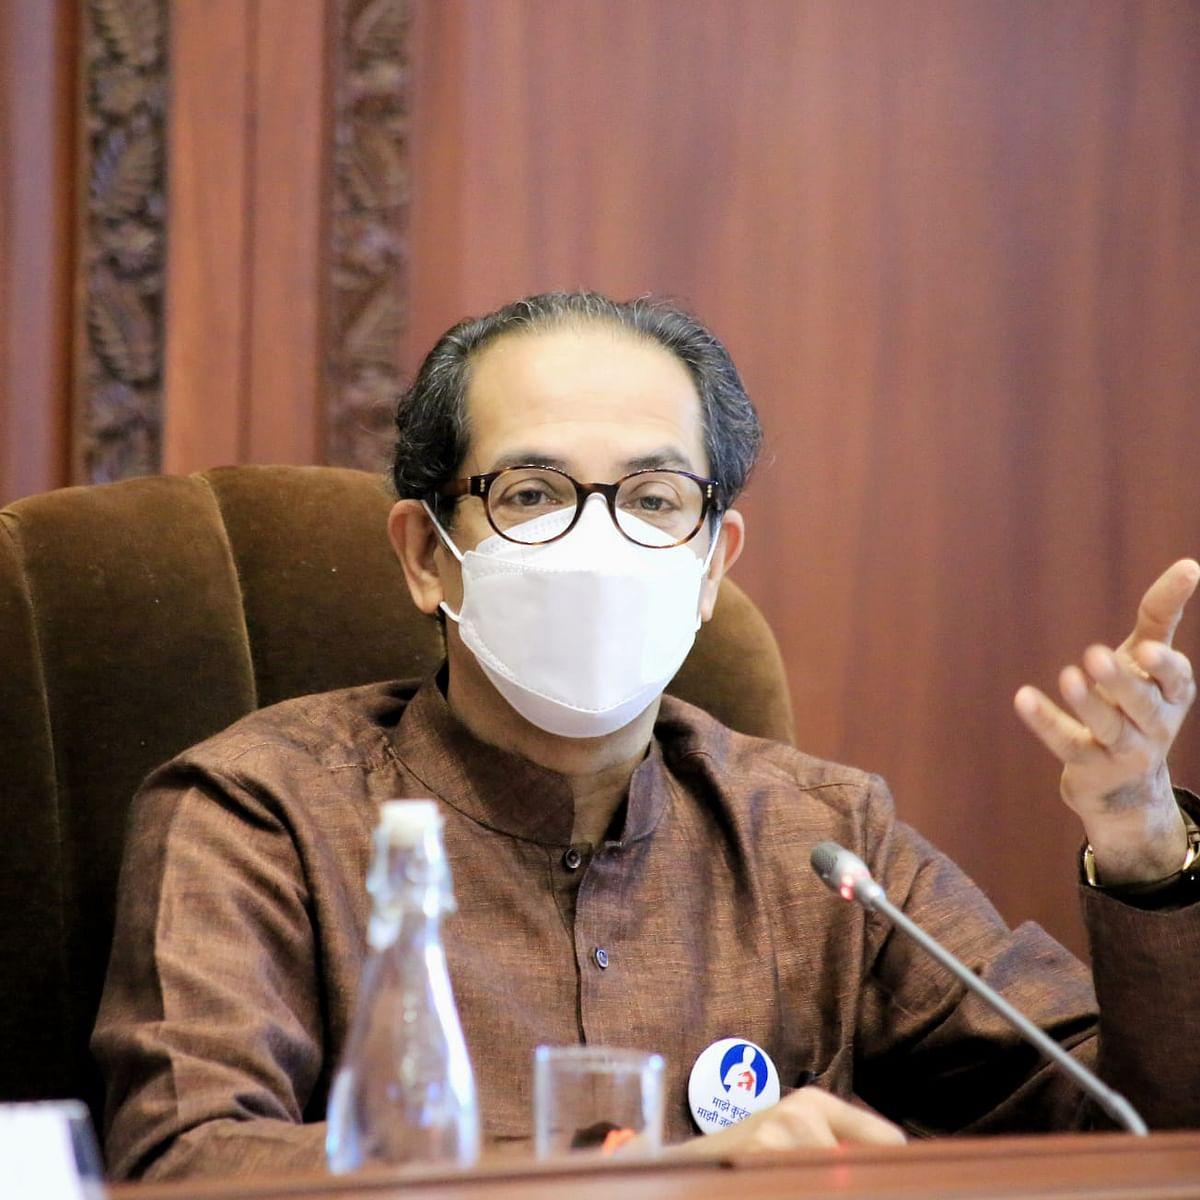 'Masti' jibe by Uddhav Thackeray elicits tit for tat response: Karnataka DCM Laxman Savadi says 'Mumbai Nammade'